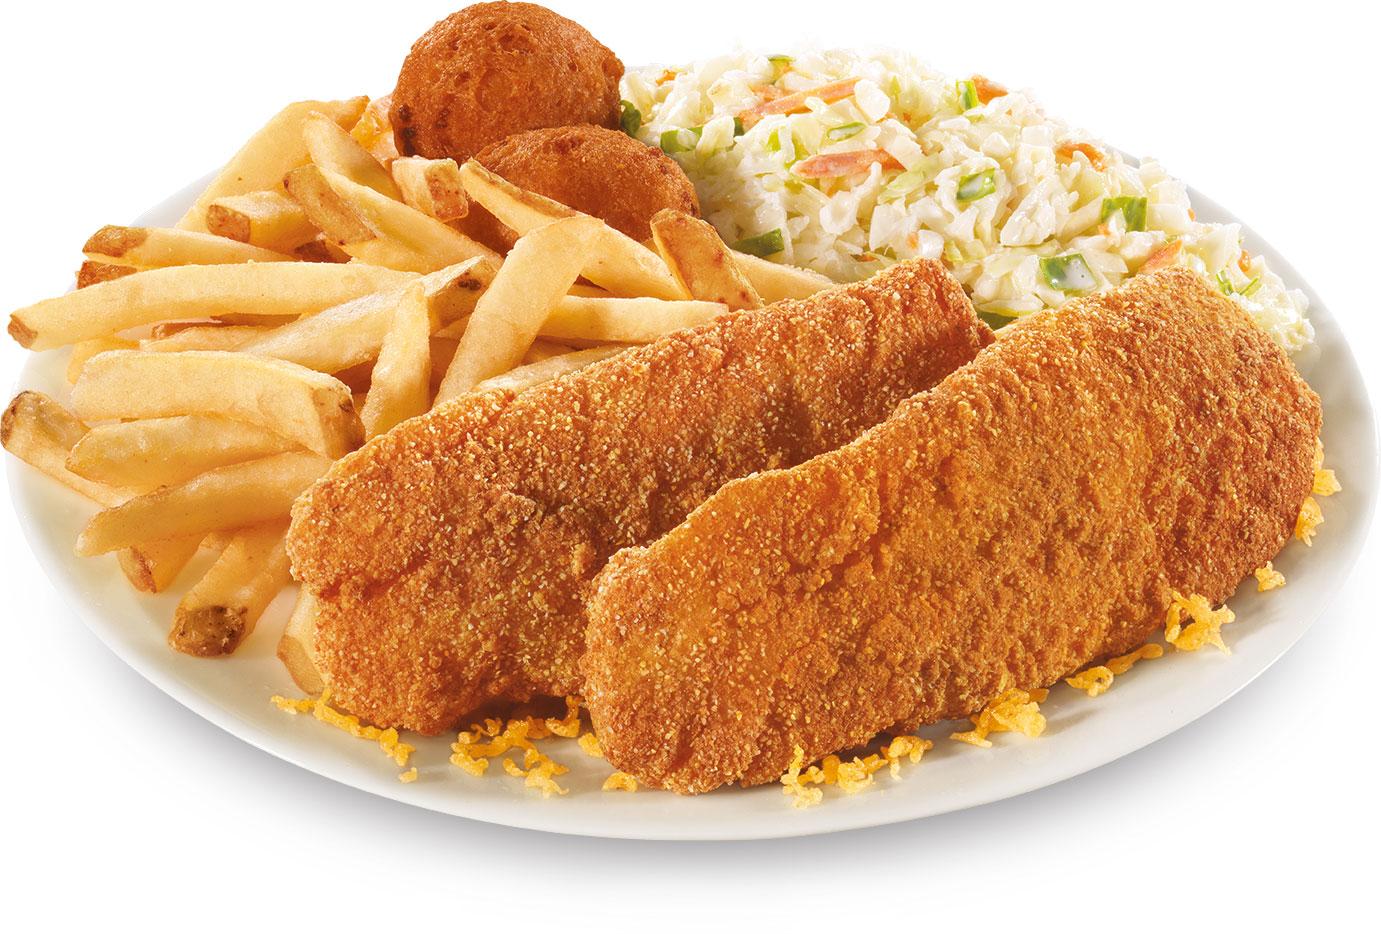 Long John Silver's new Buttermilk Cod menu item.